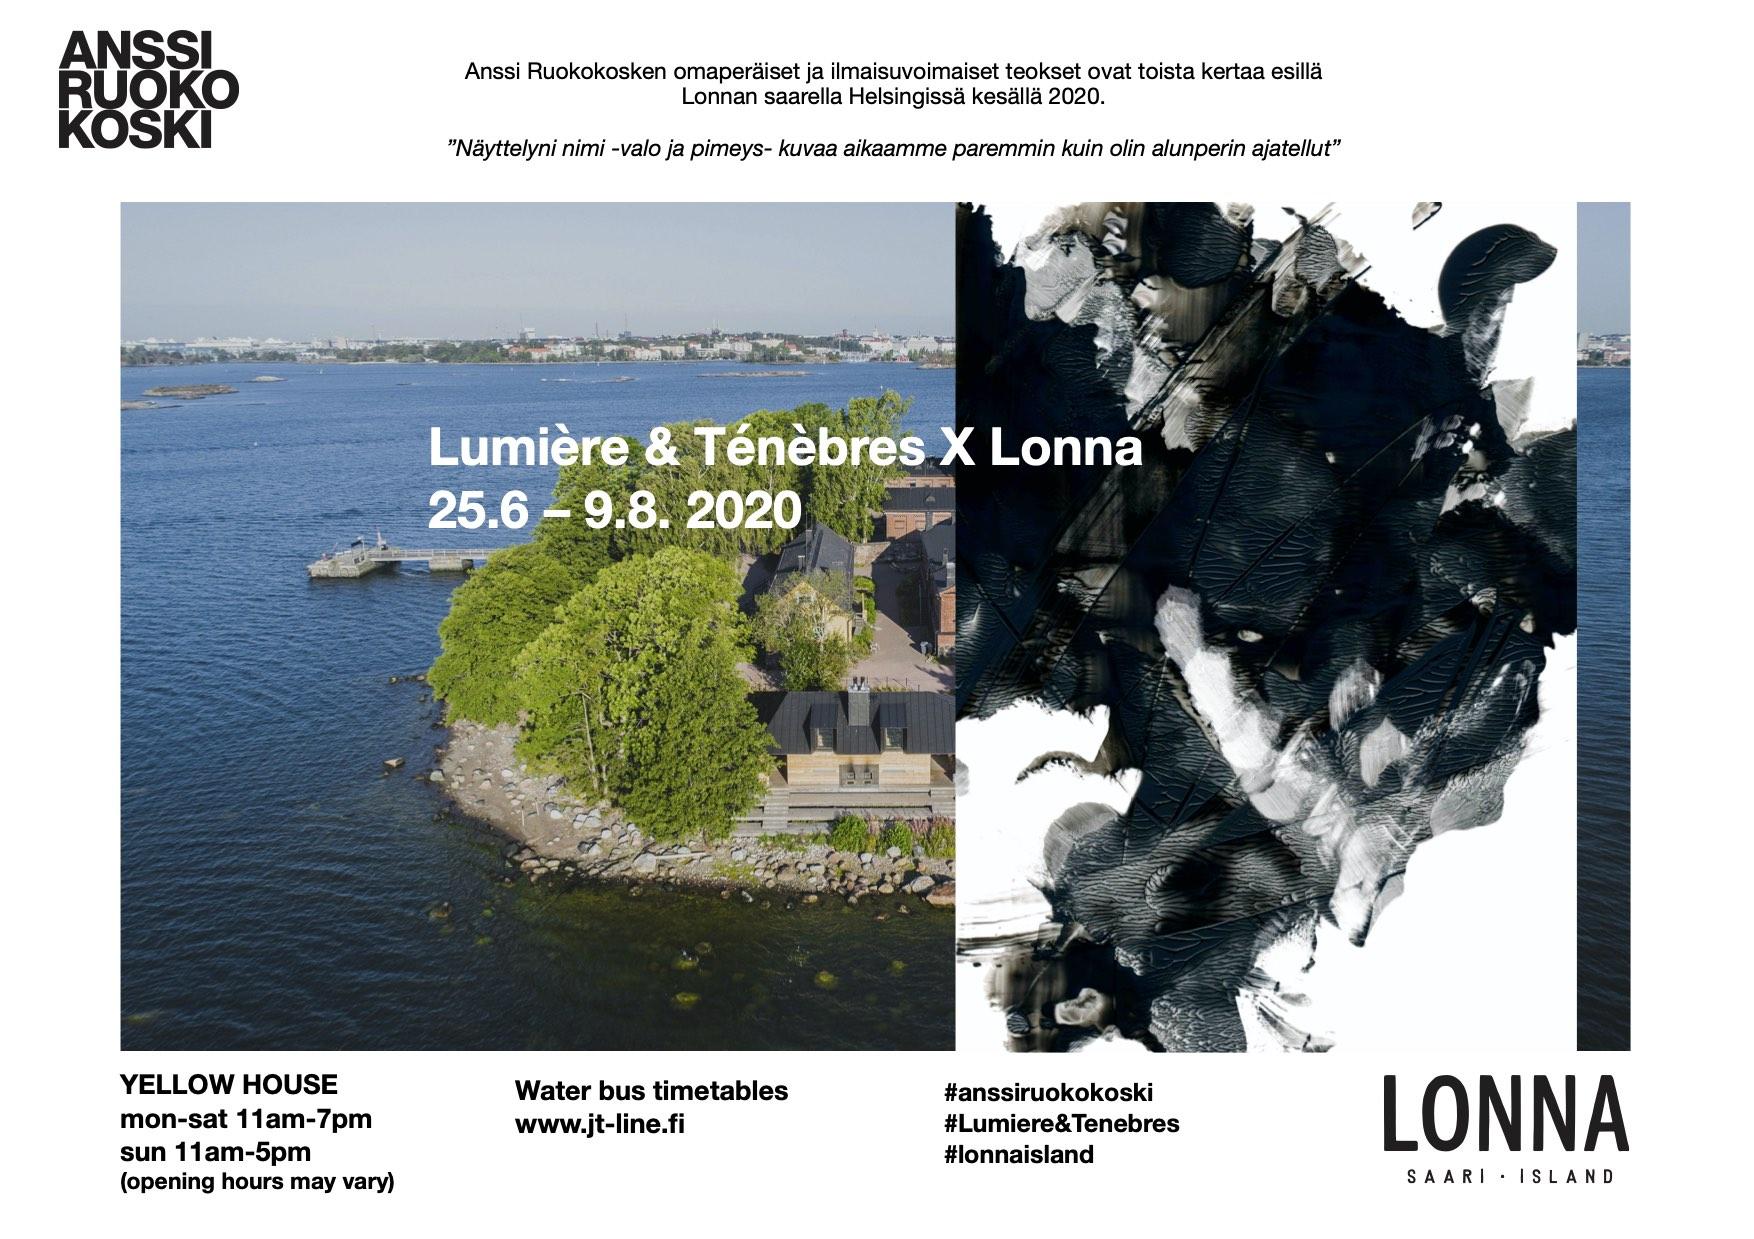 Link to event Lumière & Ténèbres X Lonna